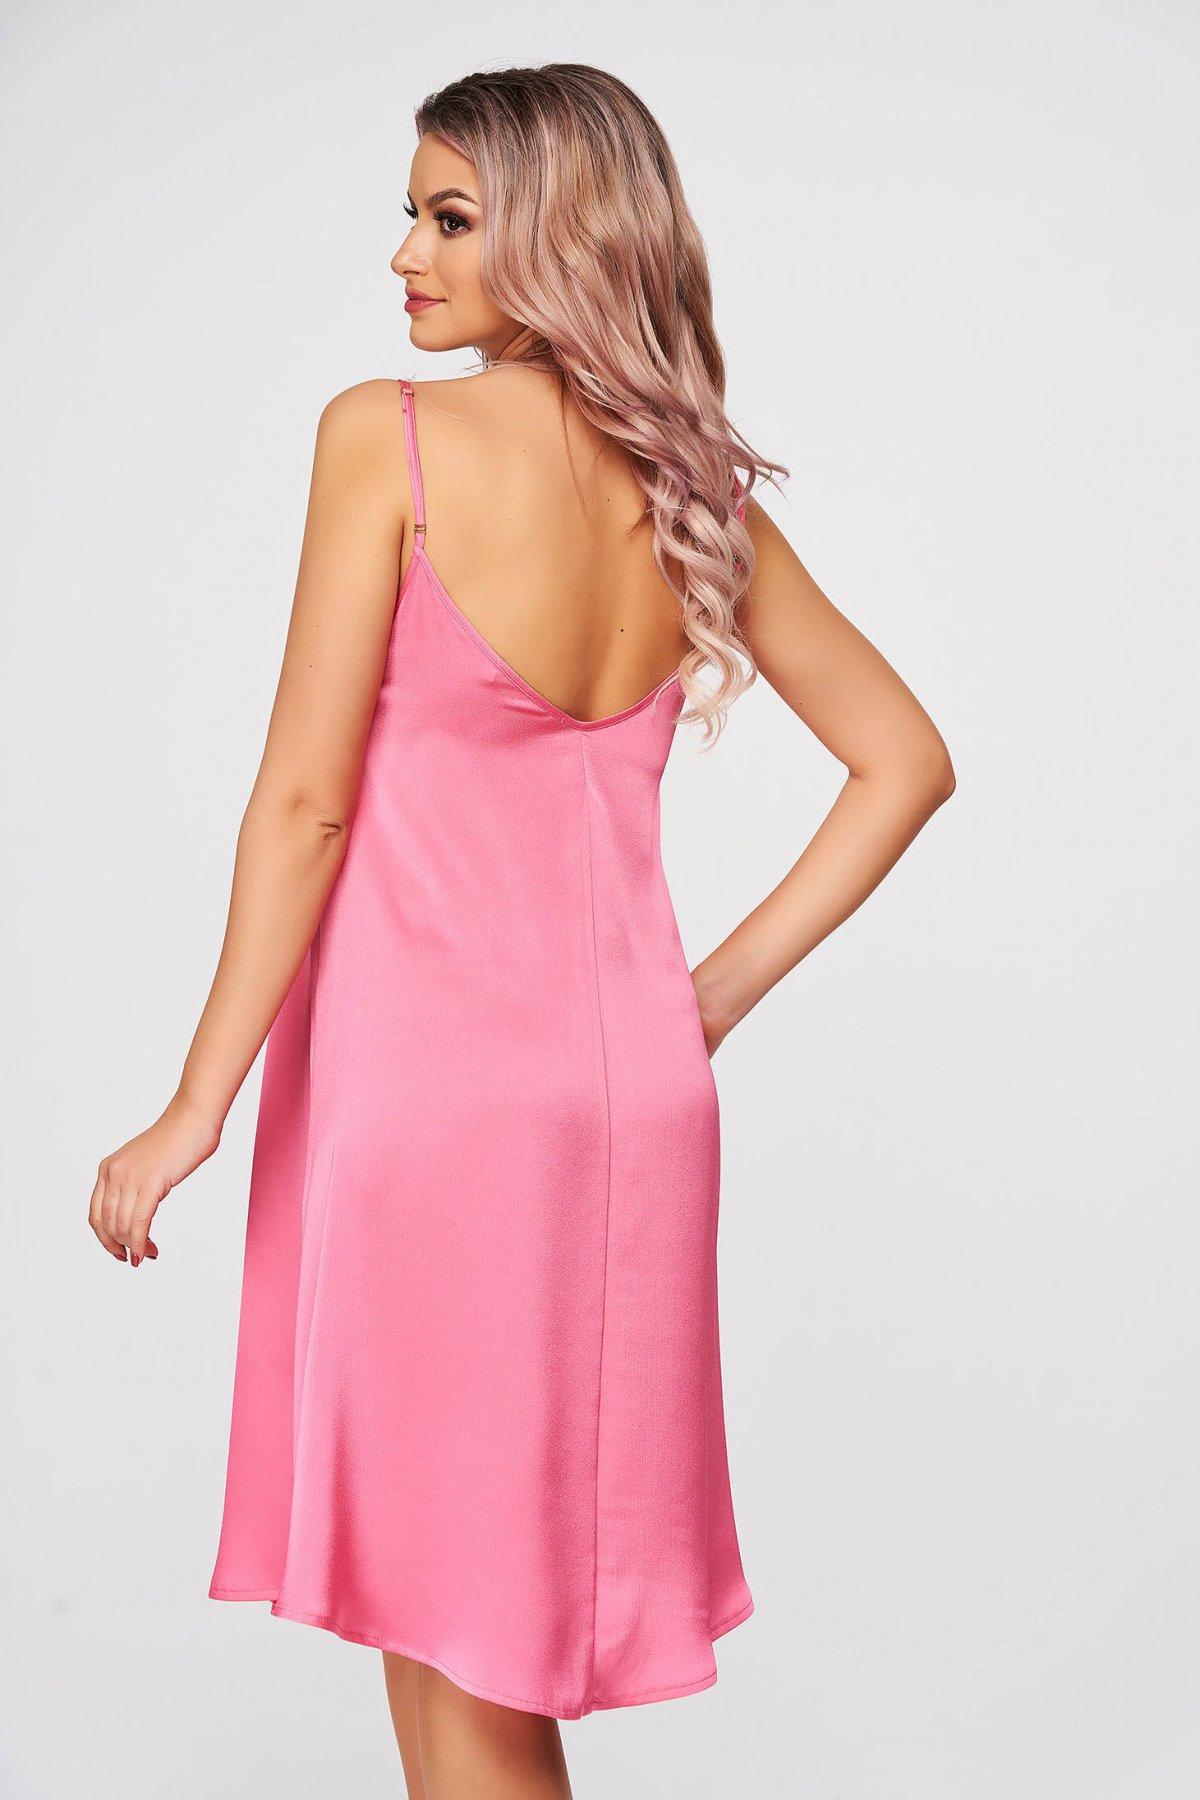 Combinezon StarShinerS roz din satin cu decolteu in v in fata si spate cu croi larg si cu bretele ajustabile imagine